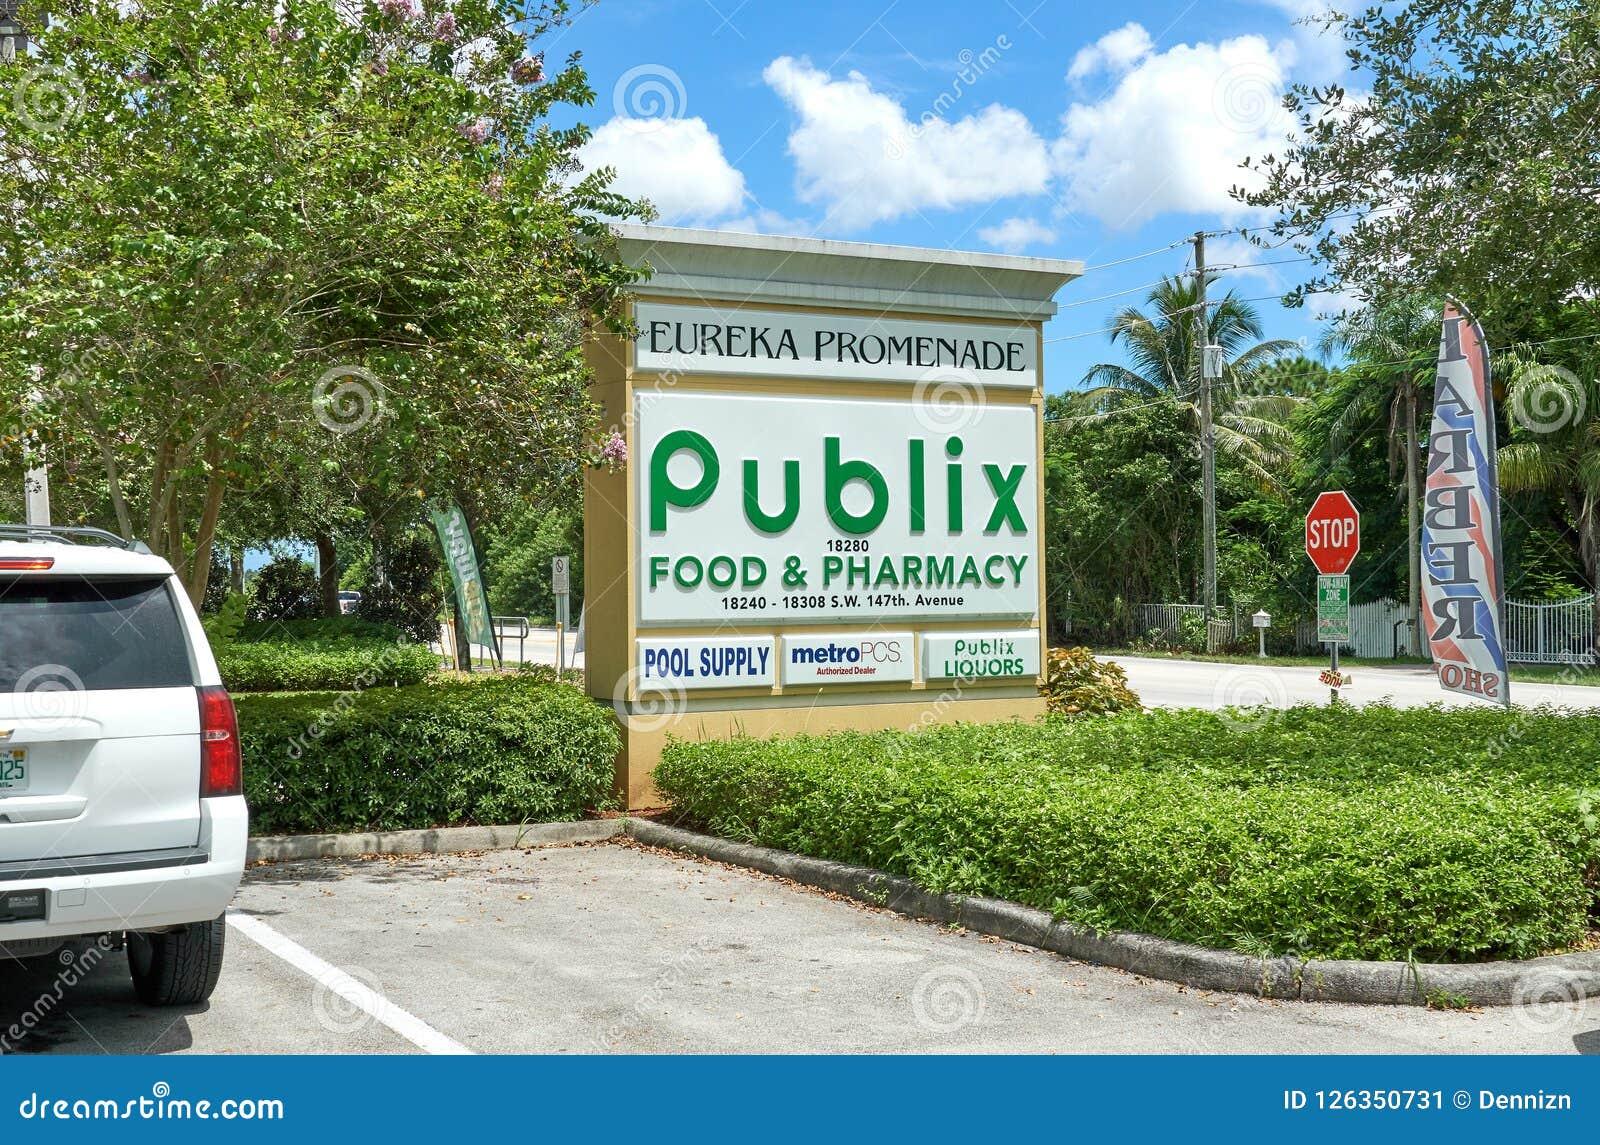 ce192e934 Logotipo da loja de Publix foto editorial. Imagem de agosto - 126350731